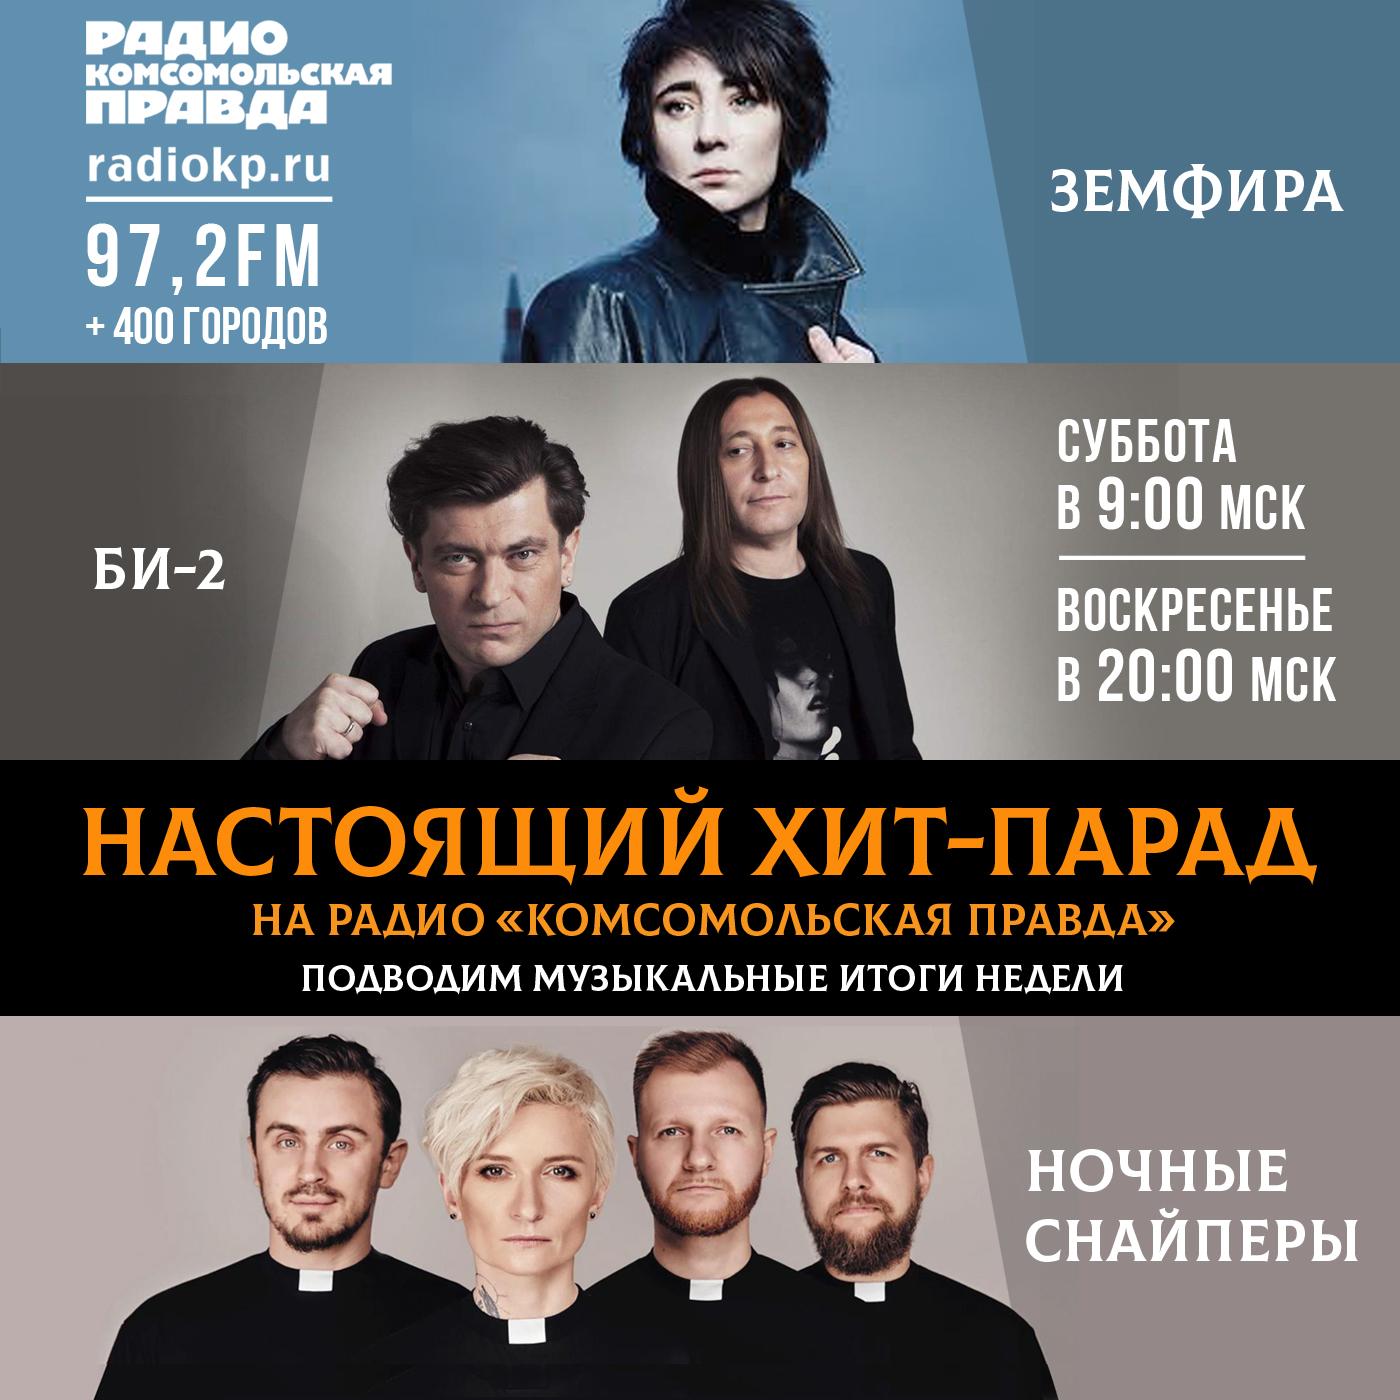 Алексей Кортнев: Мои сверстники хотят слушать добрый старый рок, потому что такие же ретрограды, как и я